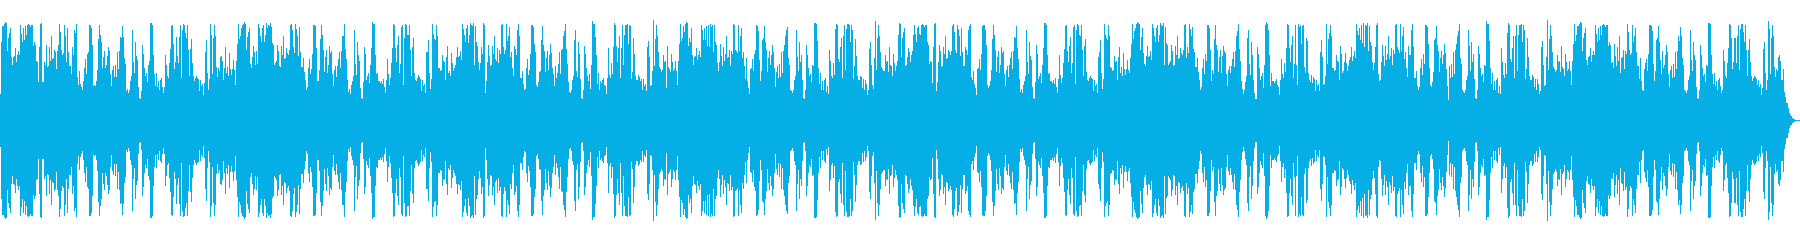 海辺の波の音の再生済みの波形